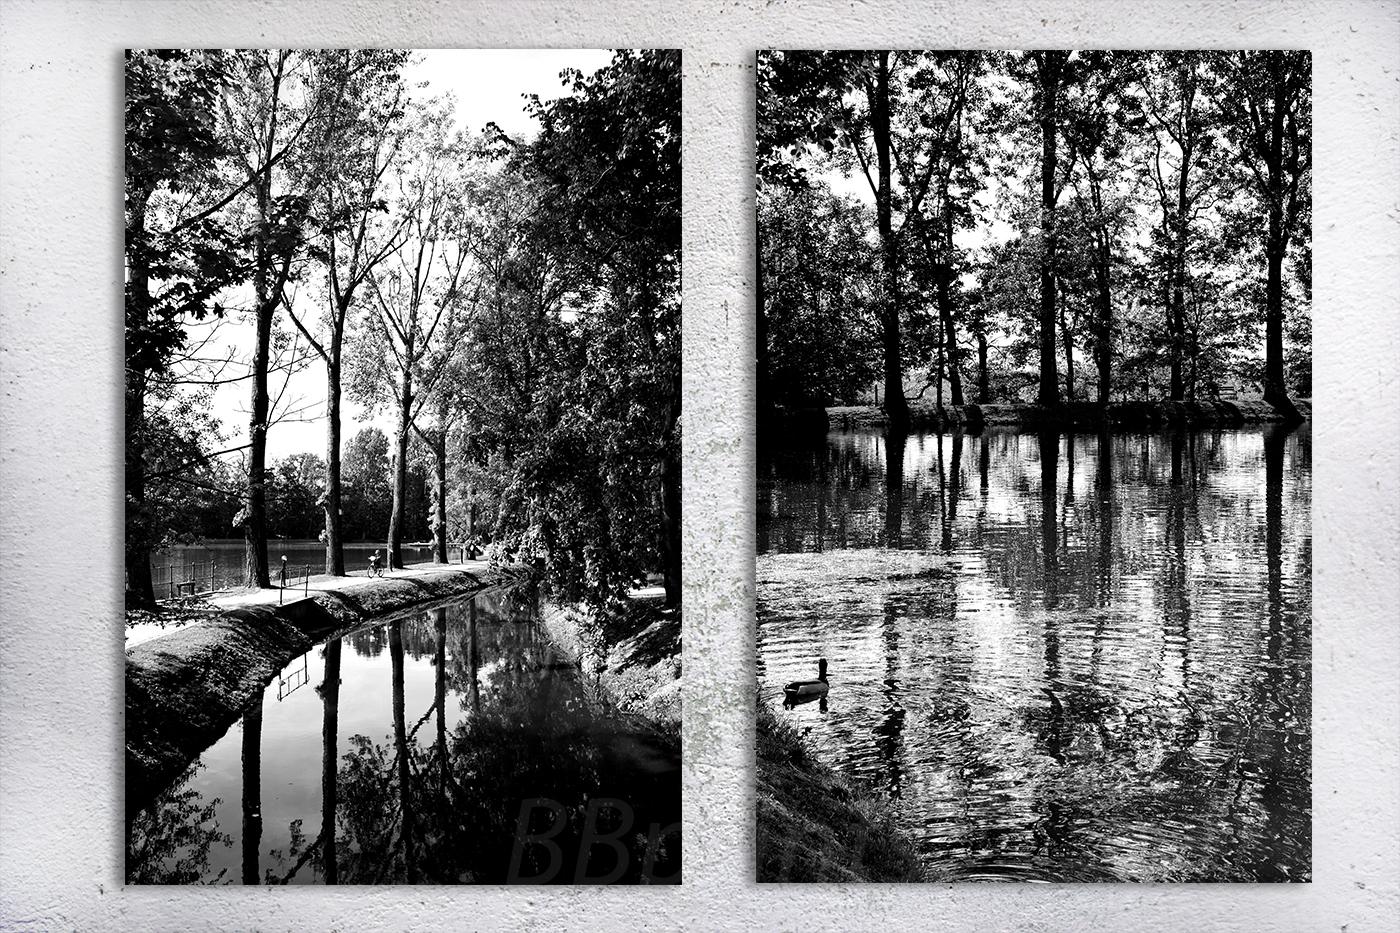 Nature photo, landscape photo, lake photo example image 1